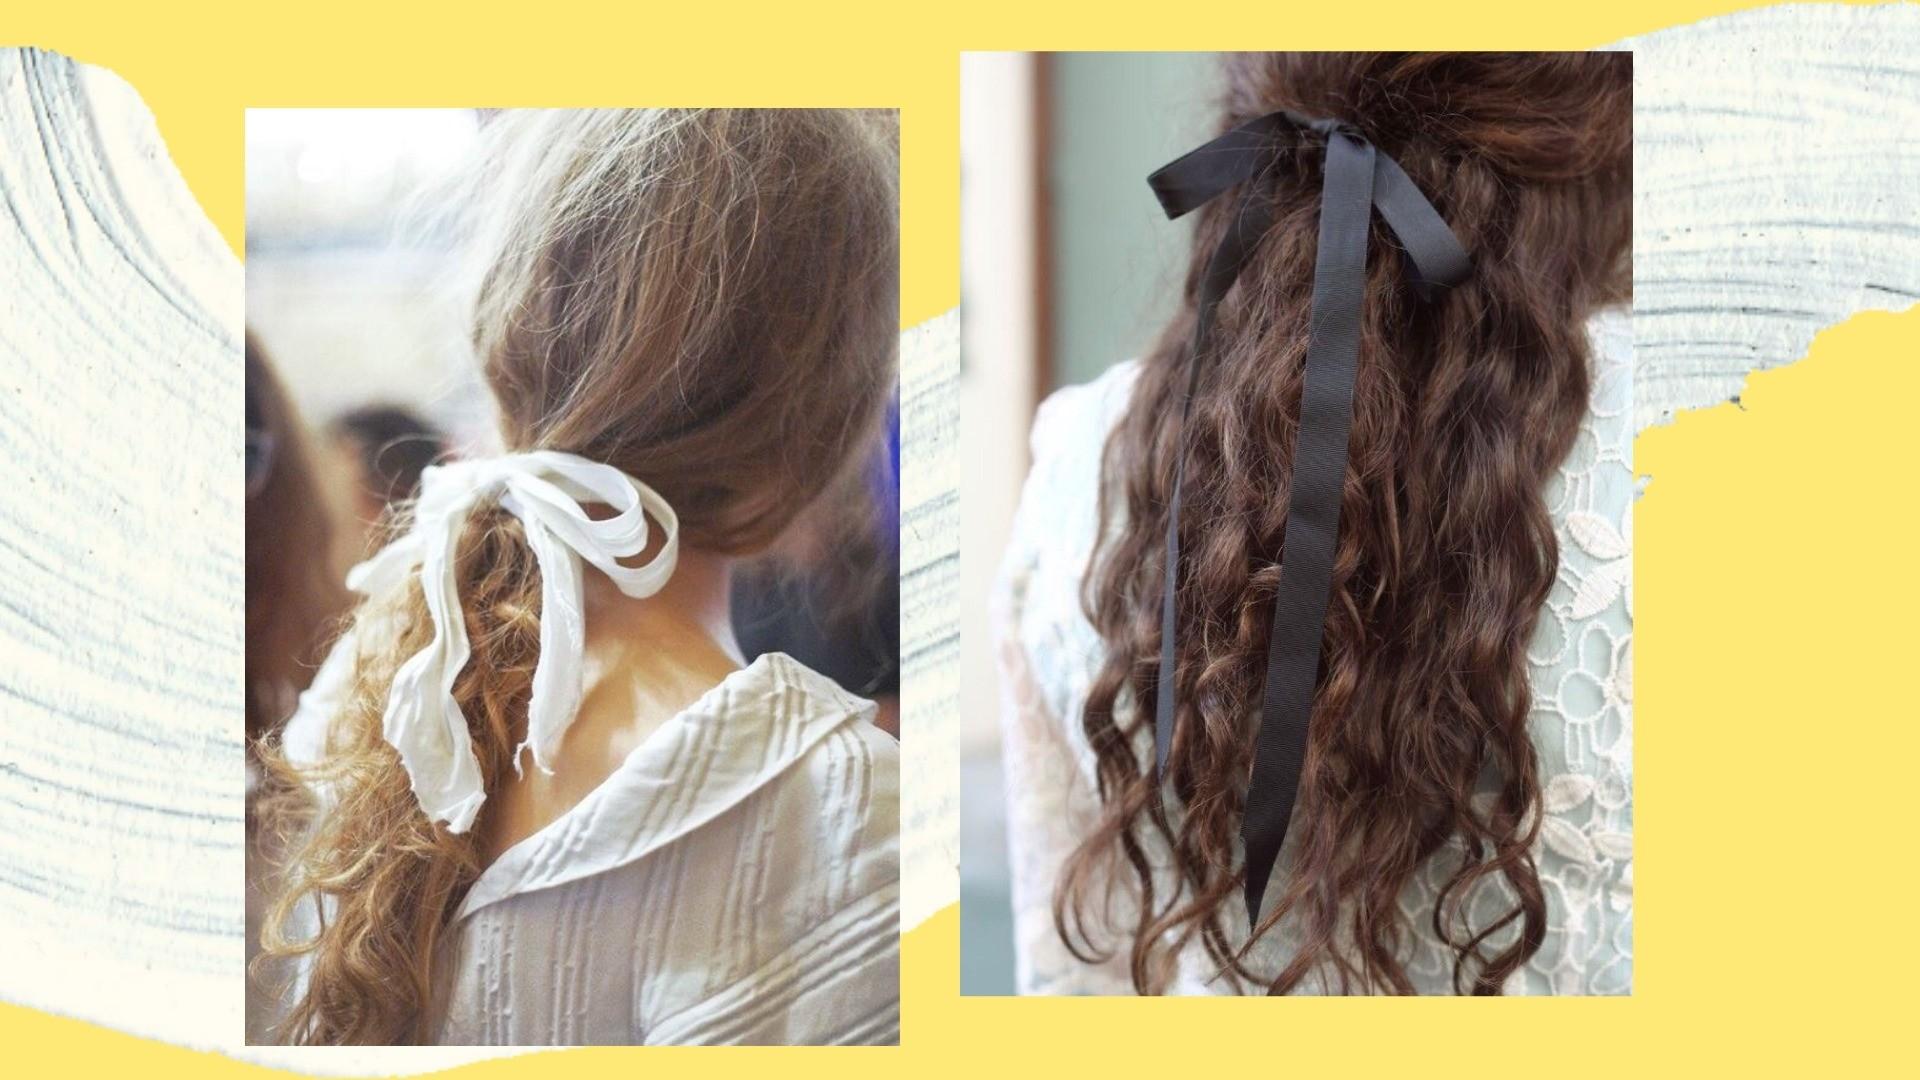 Подробная инструкция: 6 советов по уходу за вьющимися волосами от эксперта